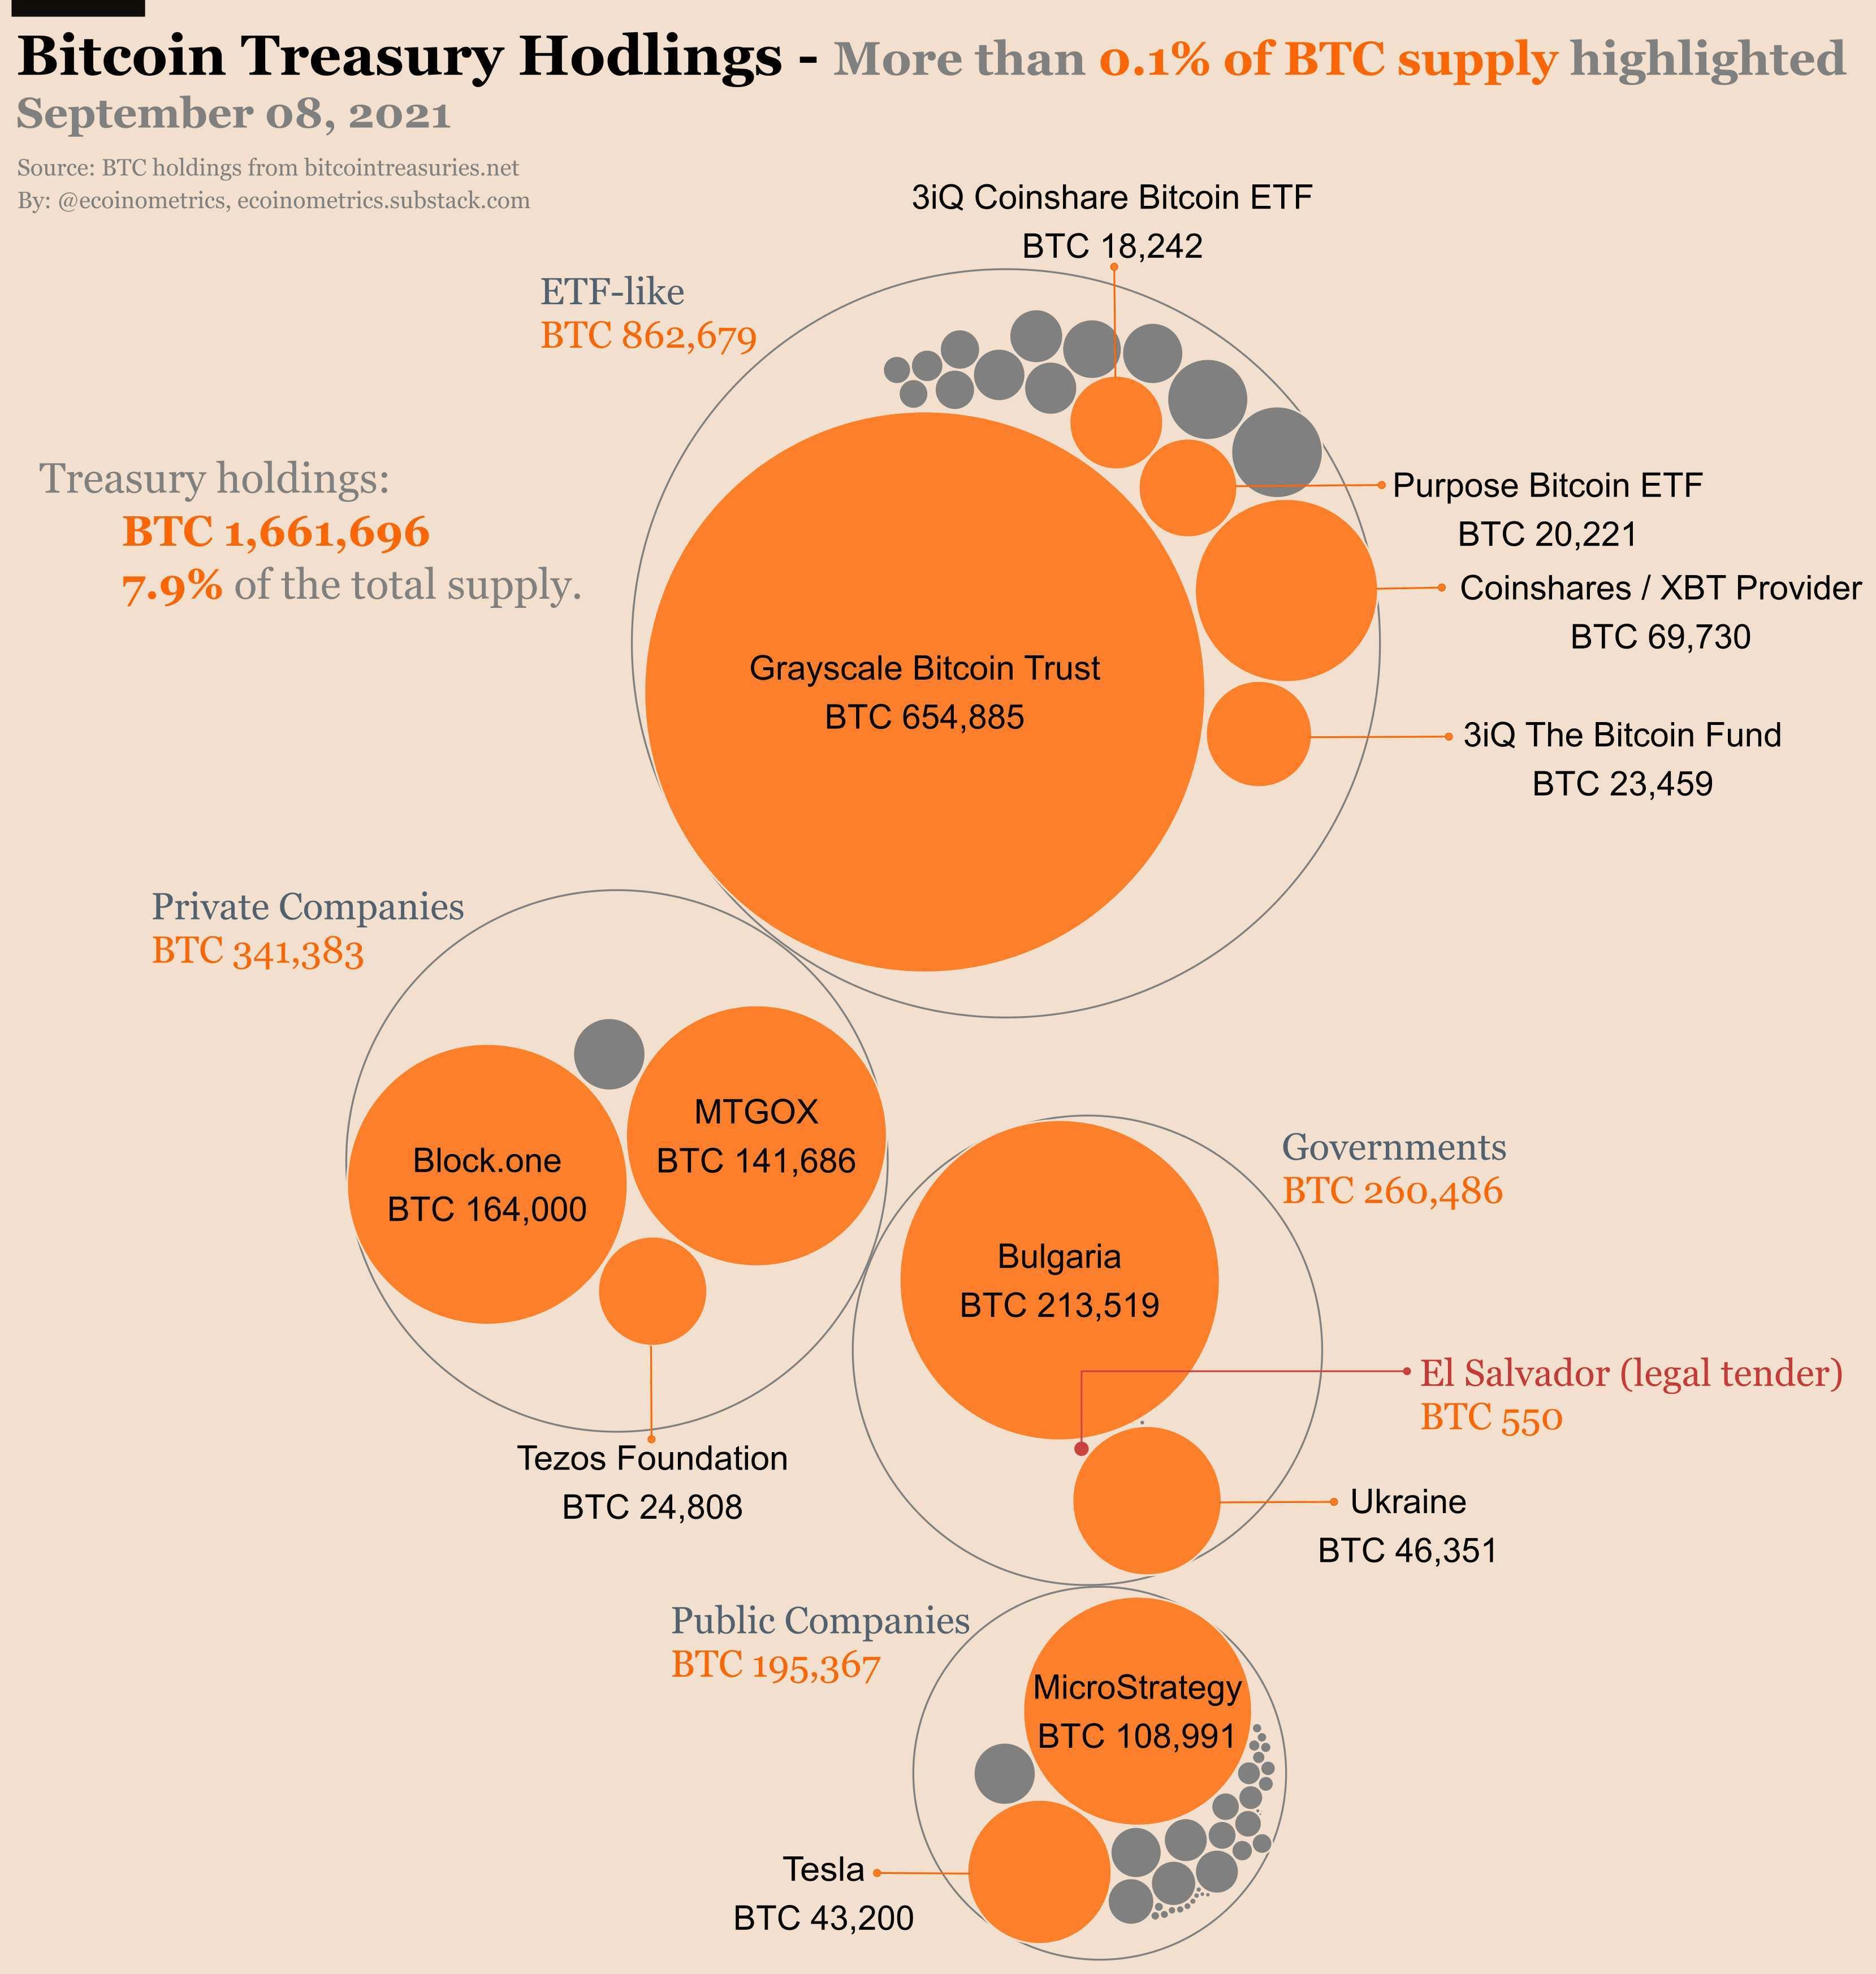 BTC Treasury